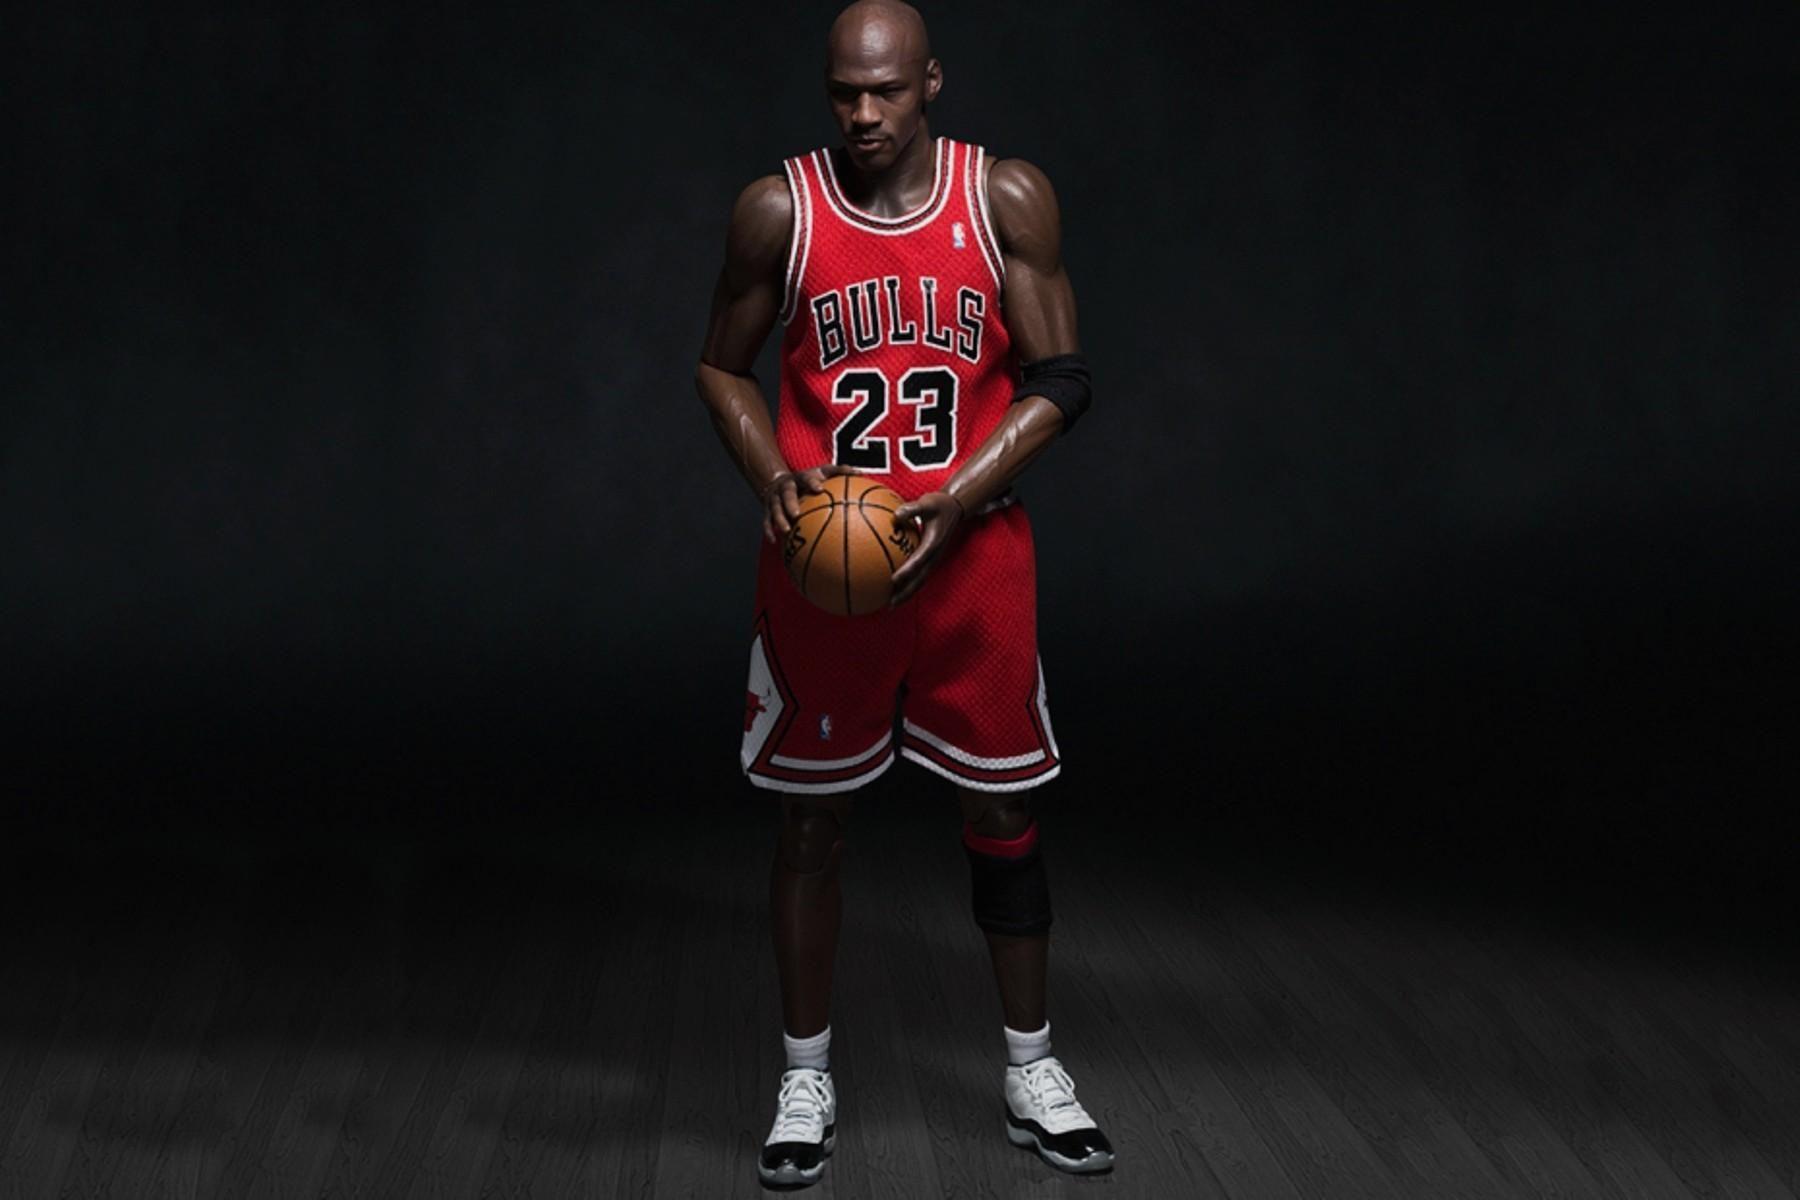 Hình nền hình nền HD 1800x1200 Michael Jordan HD 1800x1200